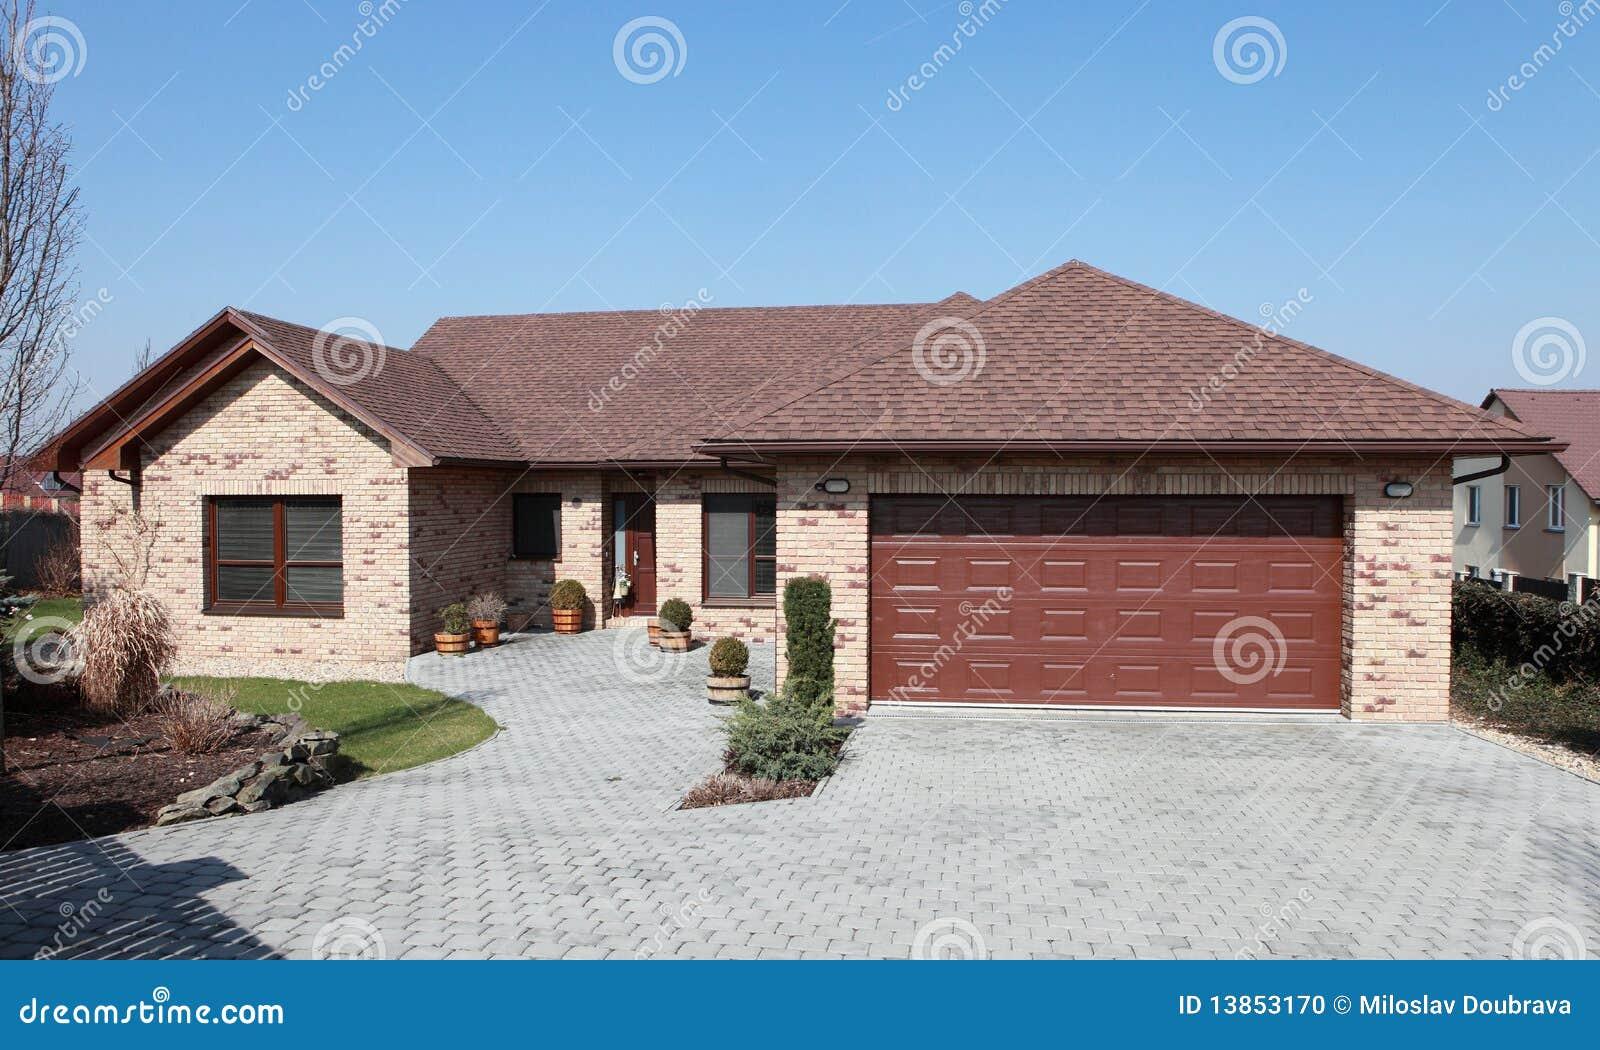 Maison neuve de brique photo stock image 13853170 - Maison brique moderne ...